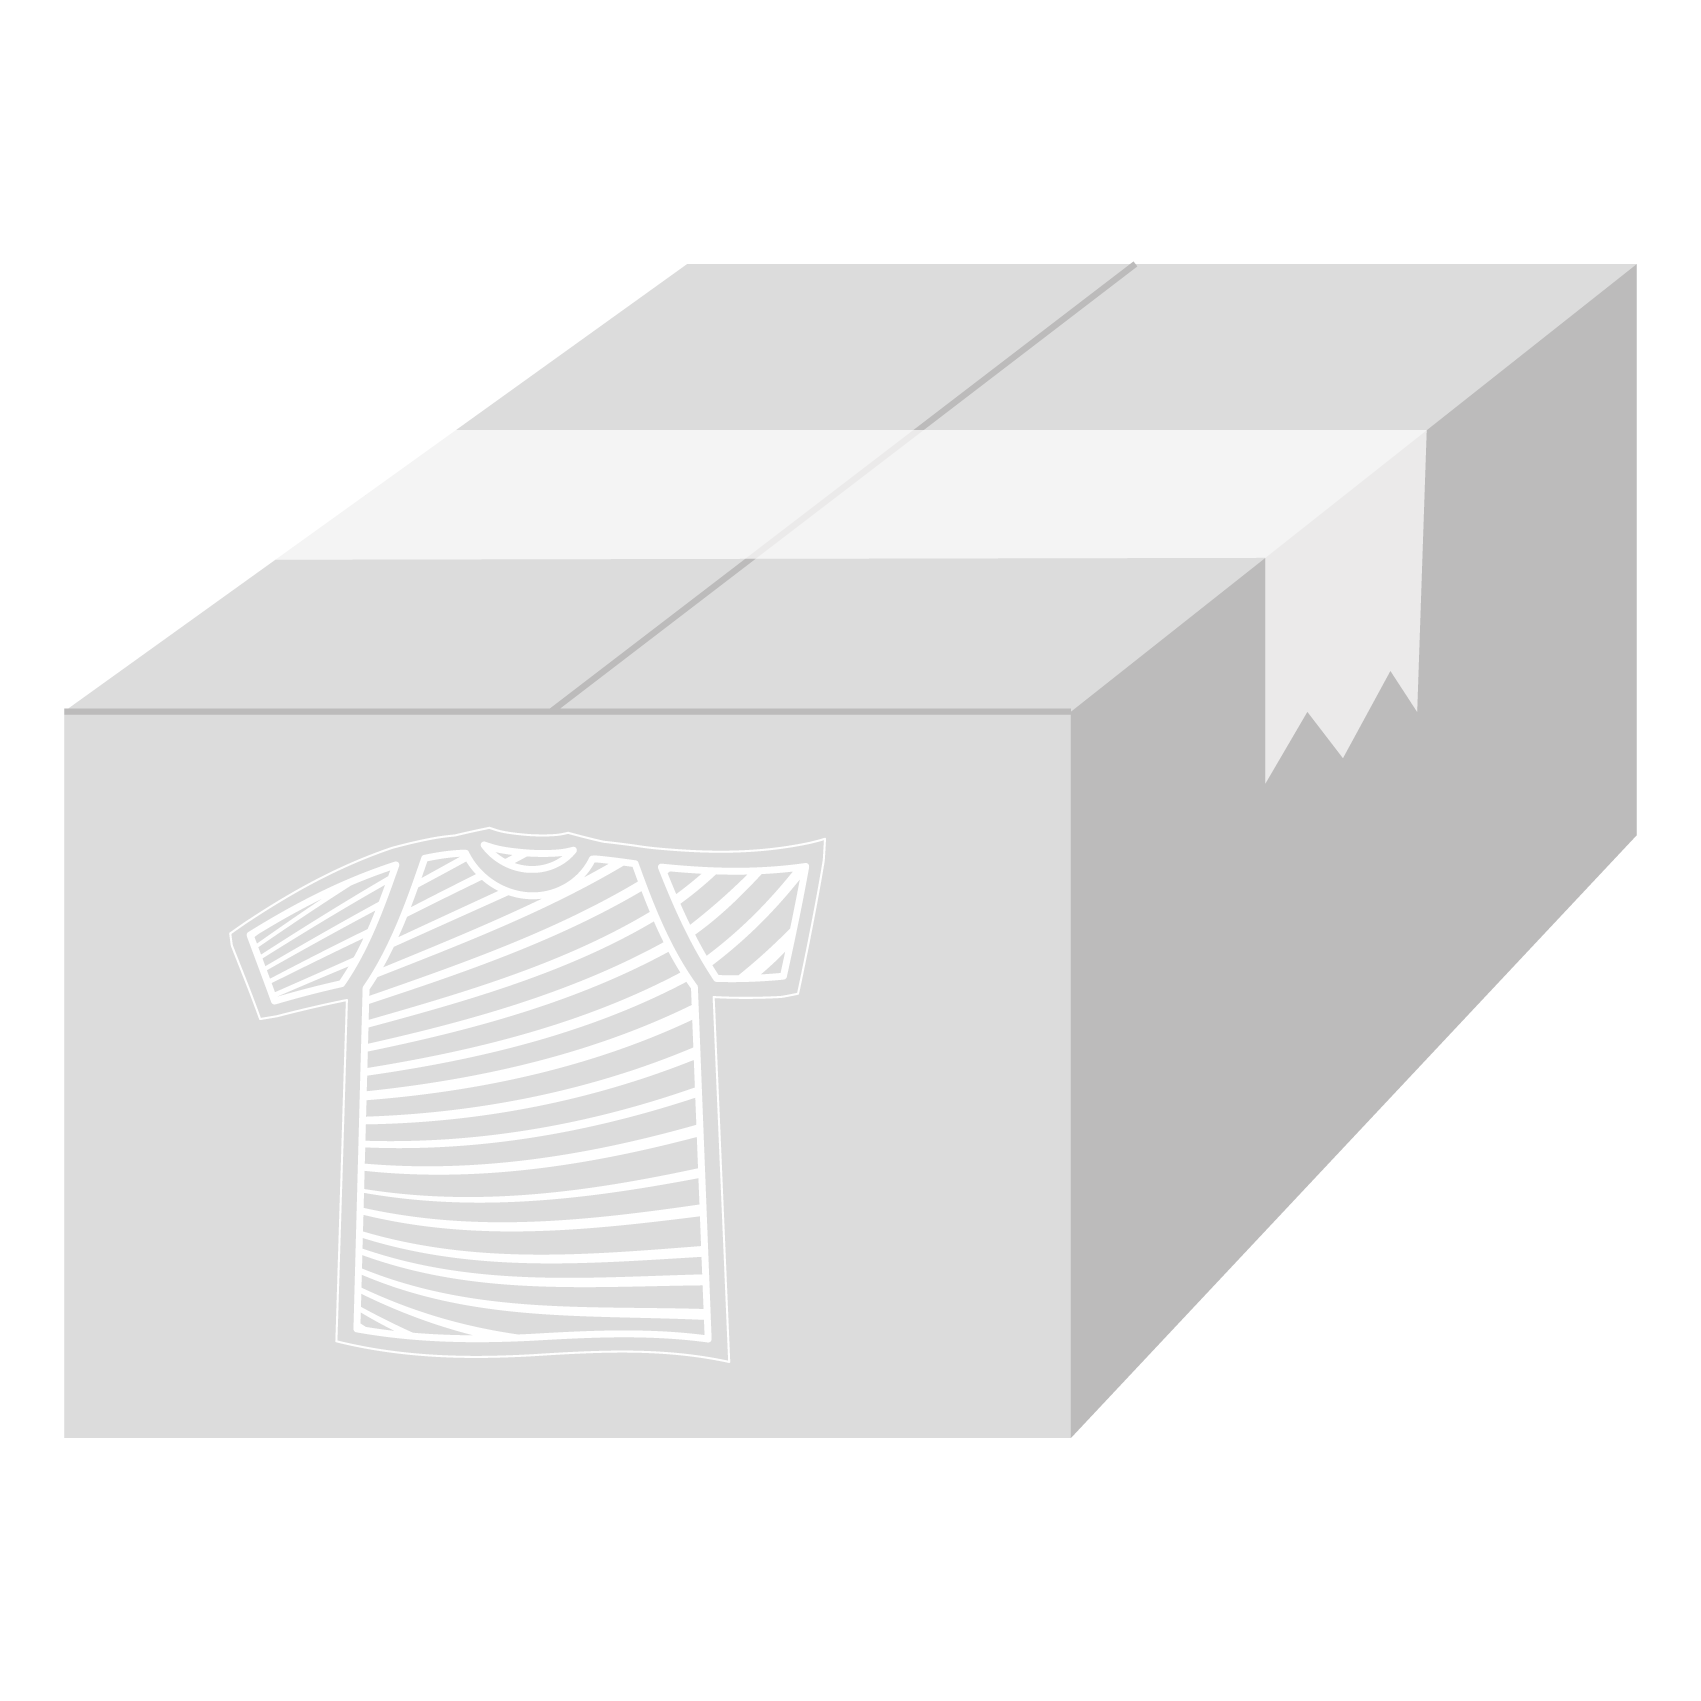 Signaal Bedrijfskleding - Kleding leveren